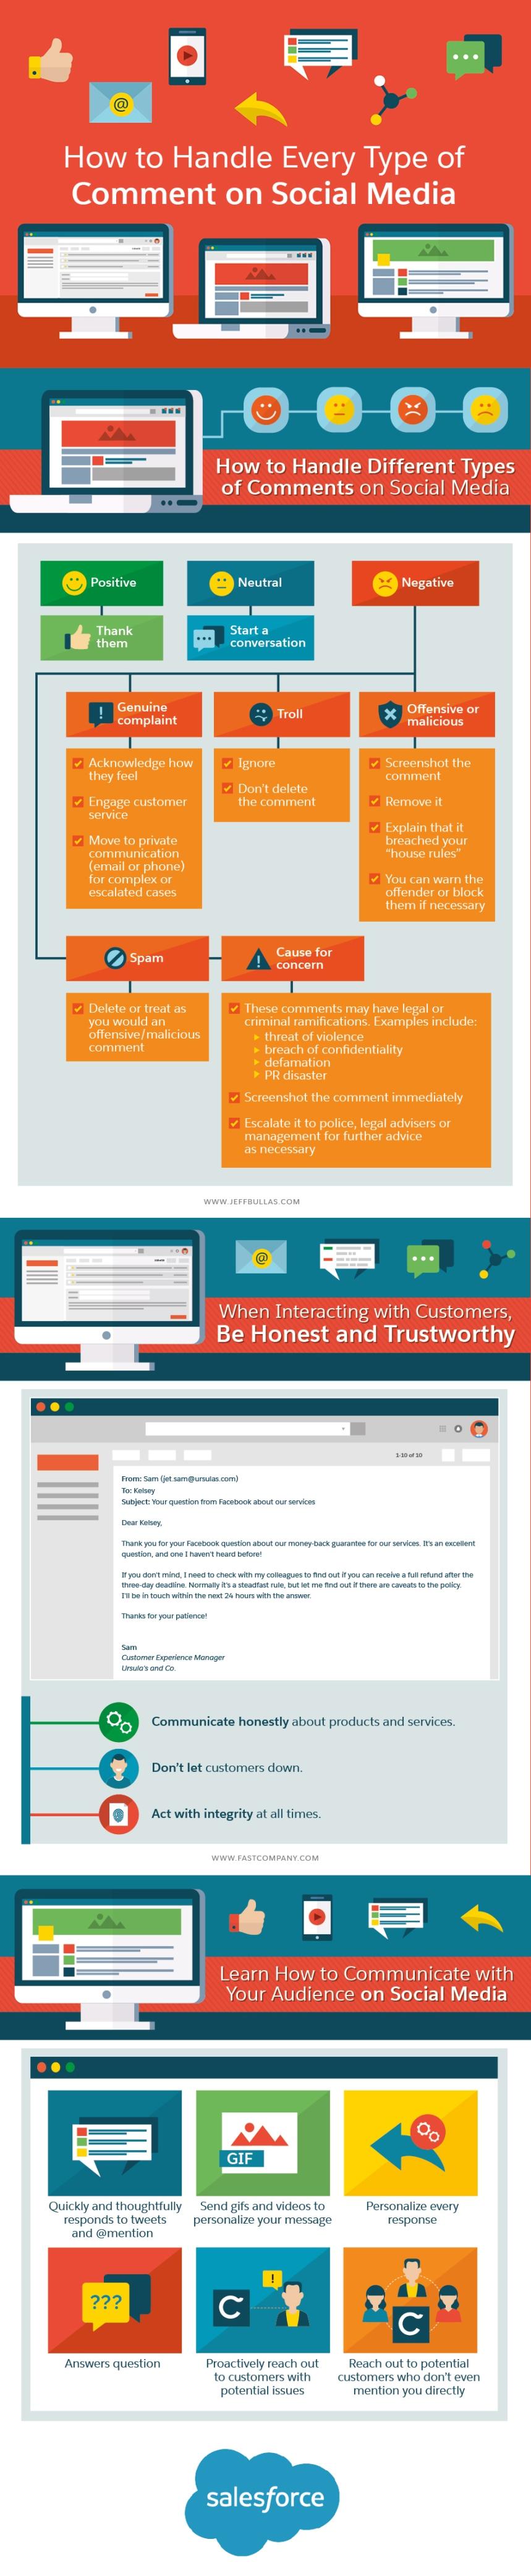 Cómo manejar diferentes tipos de comentarios en Redes Sociales